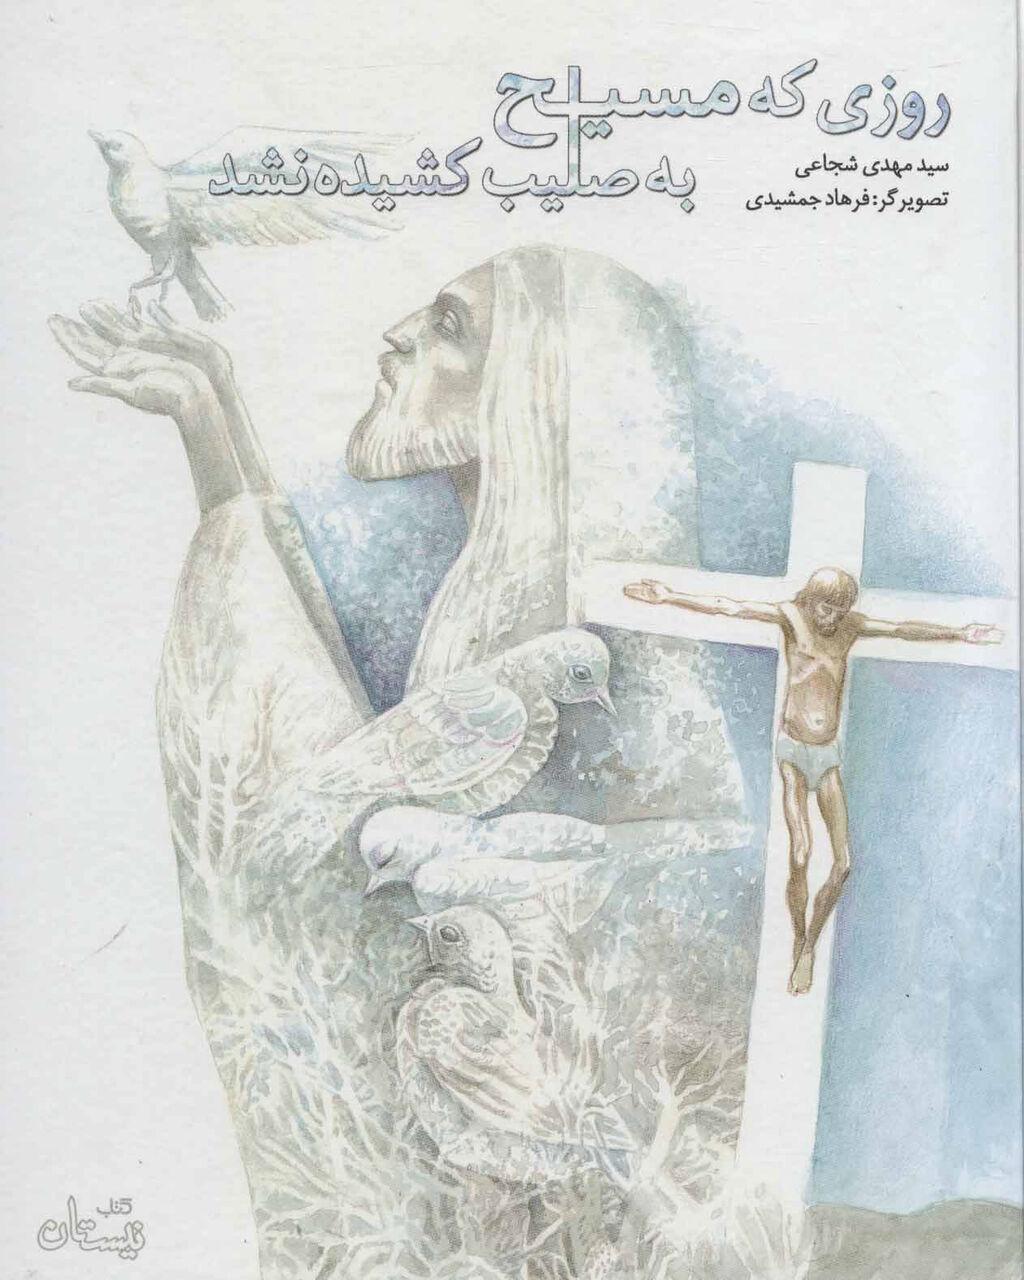 روایت سیدمهدی شجاعی از «روزی که مسیح به صلیب کشیده نشد»